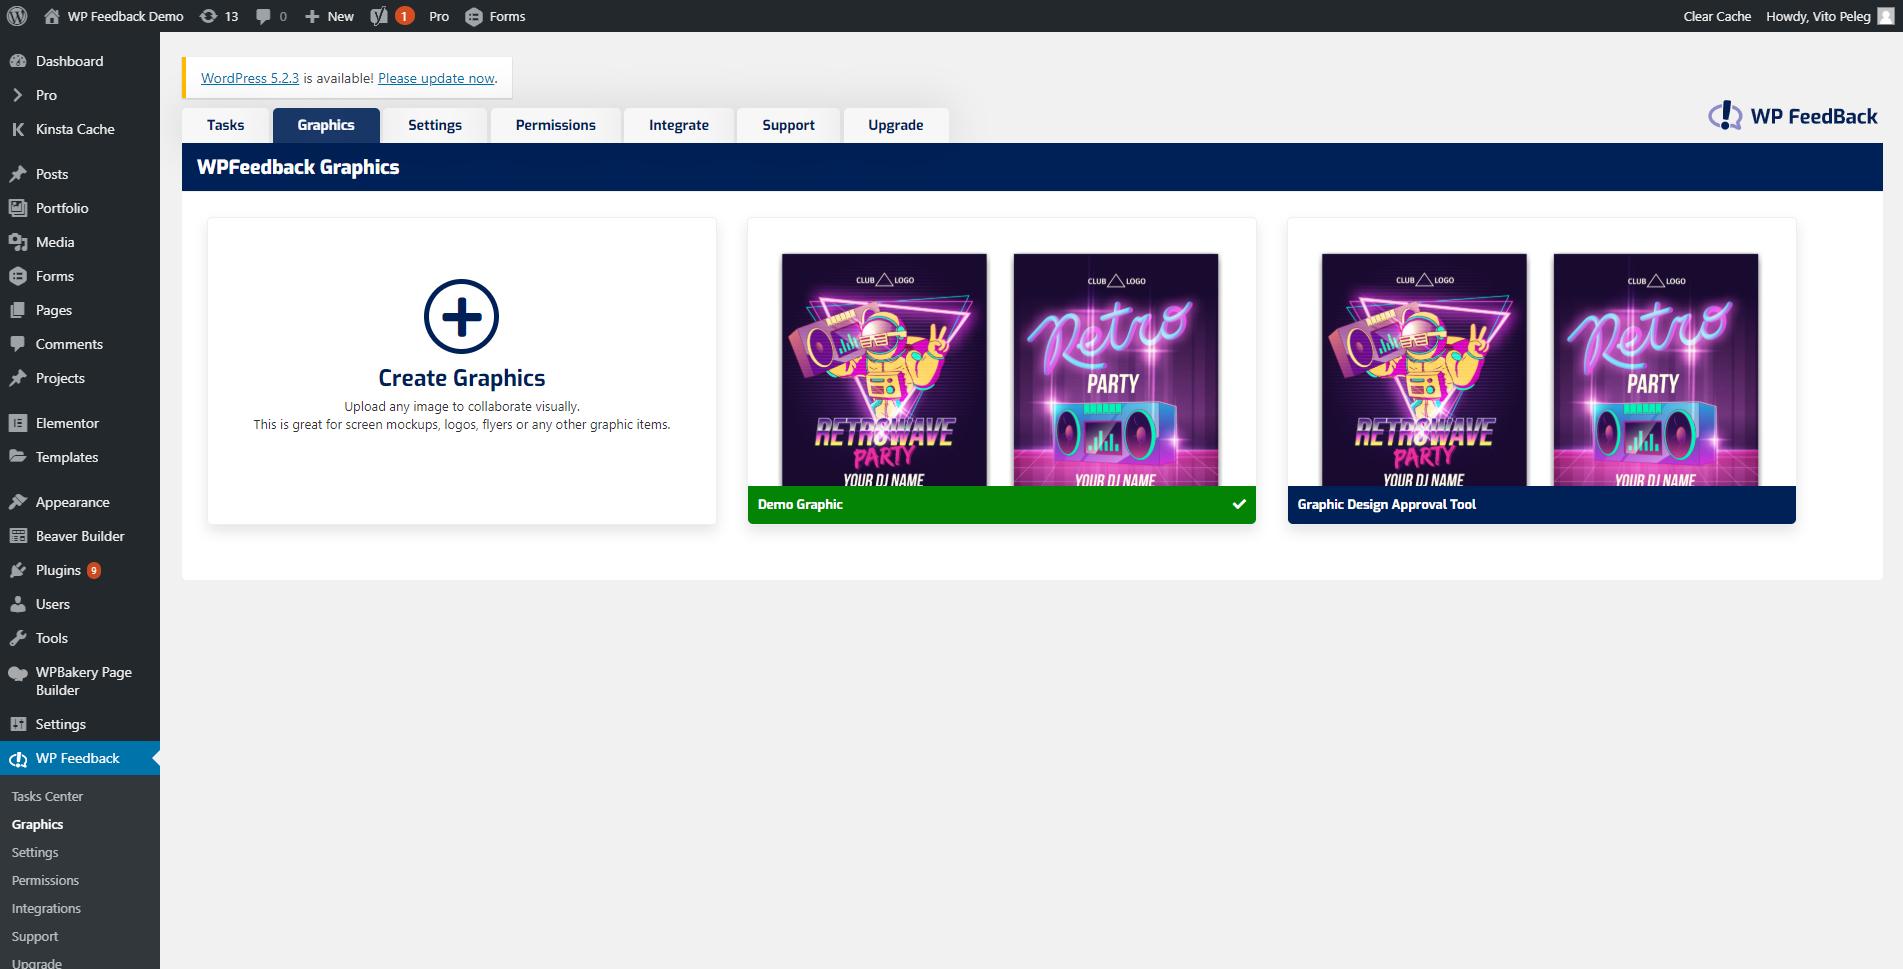 screenshot demo.wpfeedback.co 2019.10.03 14 58 51